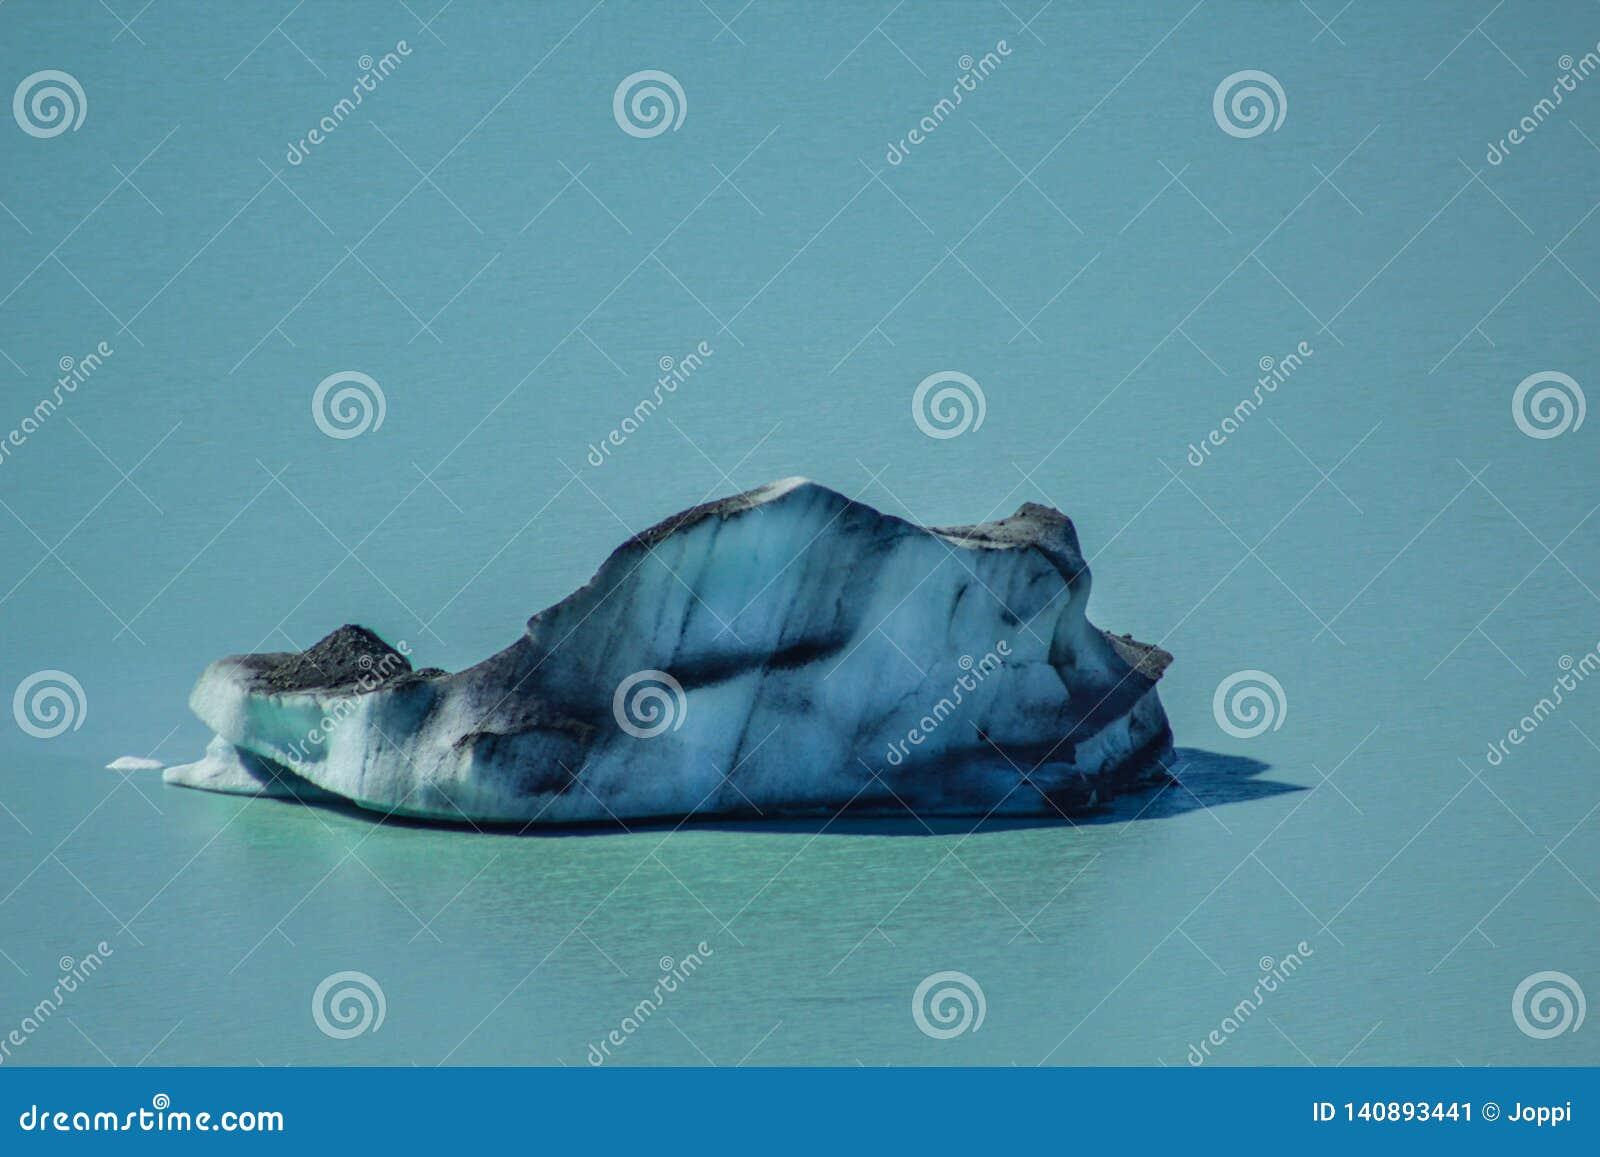 在塔斯曼Glacier湖的大浮动冰山在Aoraki库克山国家公园,新西兰的南岛